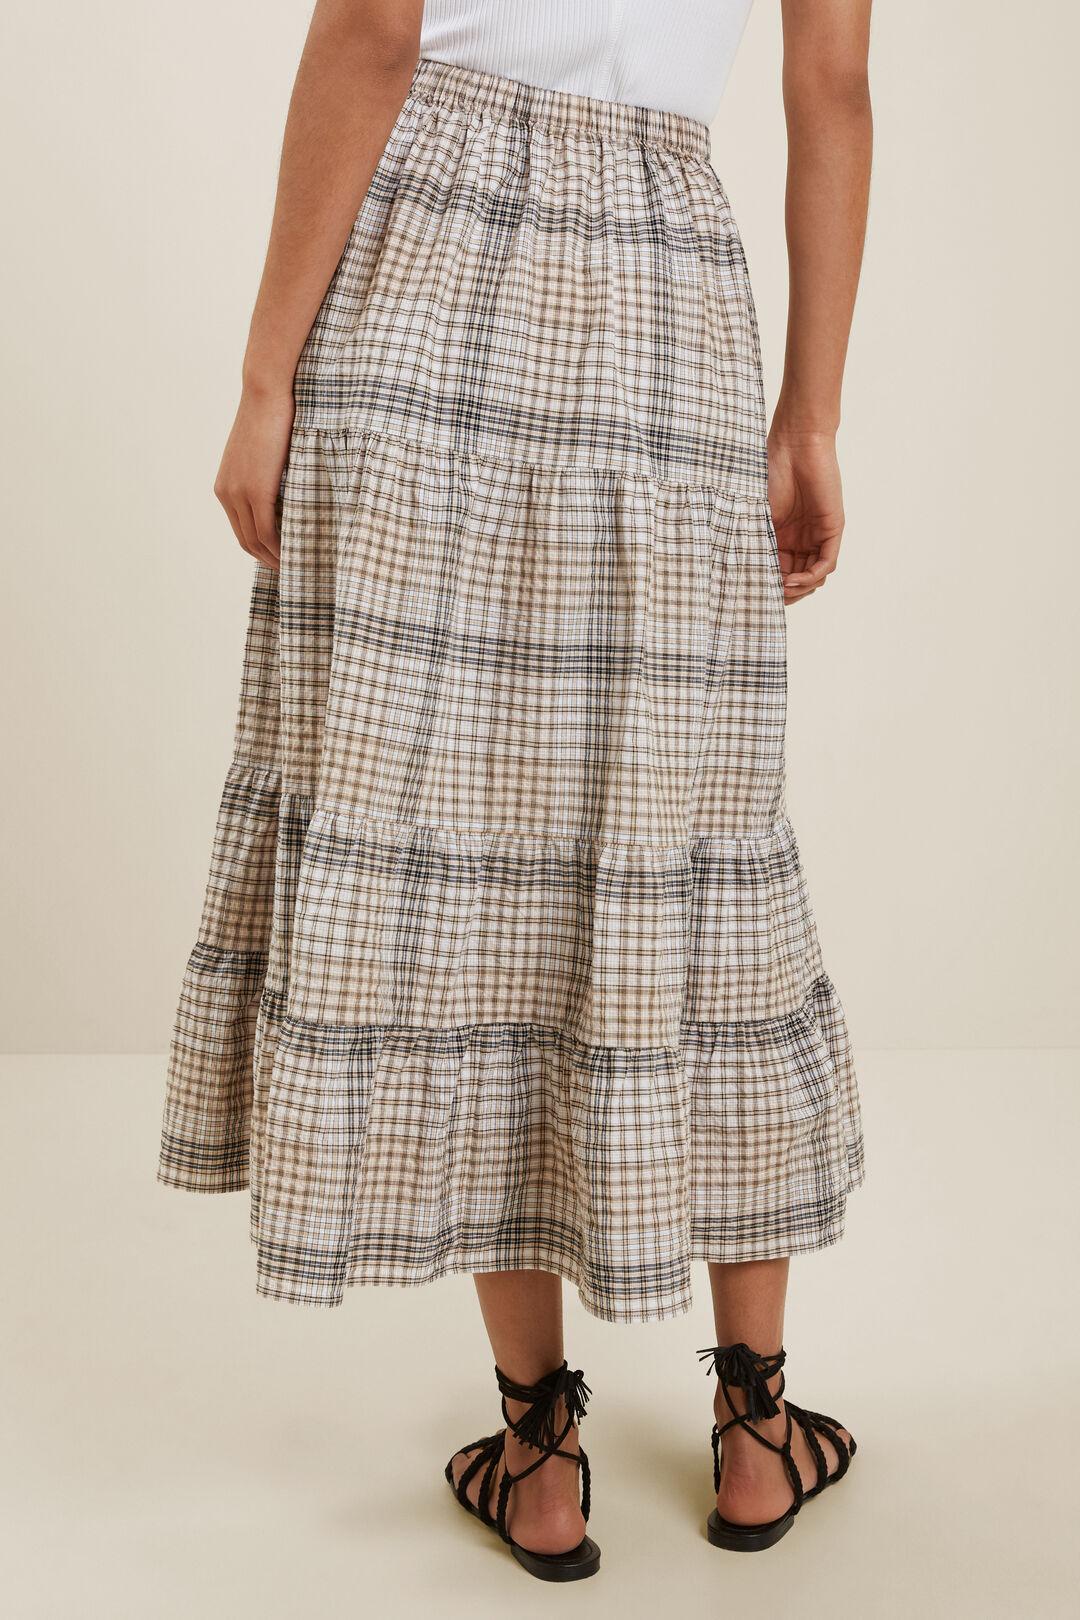 Textured Check Midi Skirt  NEUTRAL CHECK  hi-res